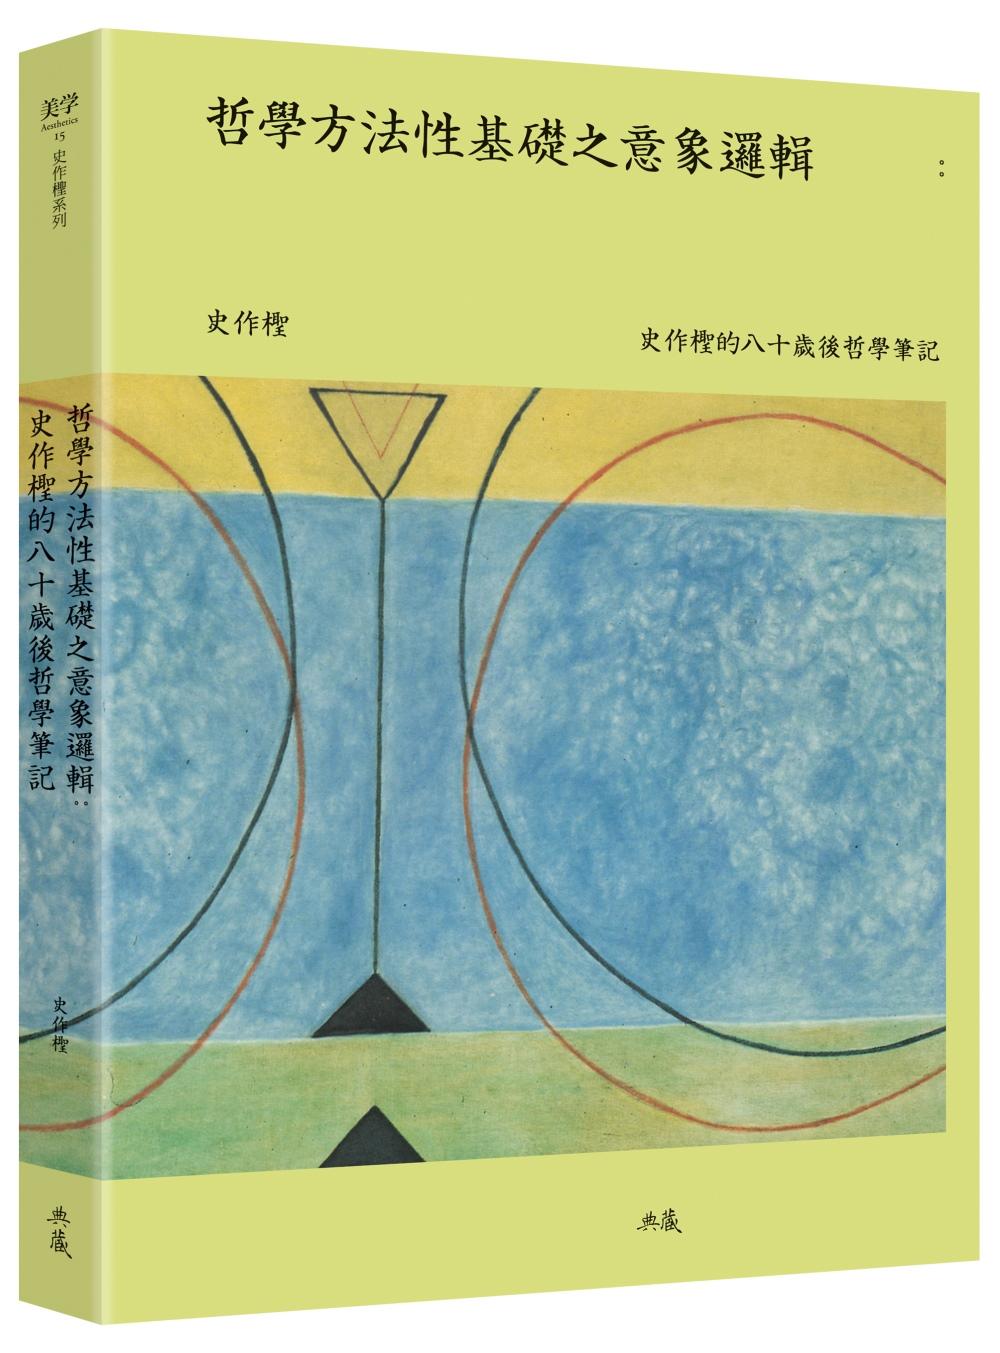 哲學方法性基礎之意象邏輯:史作檉的八十歲後哲學筆記